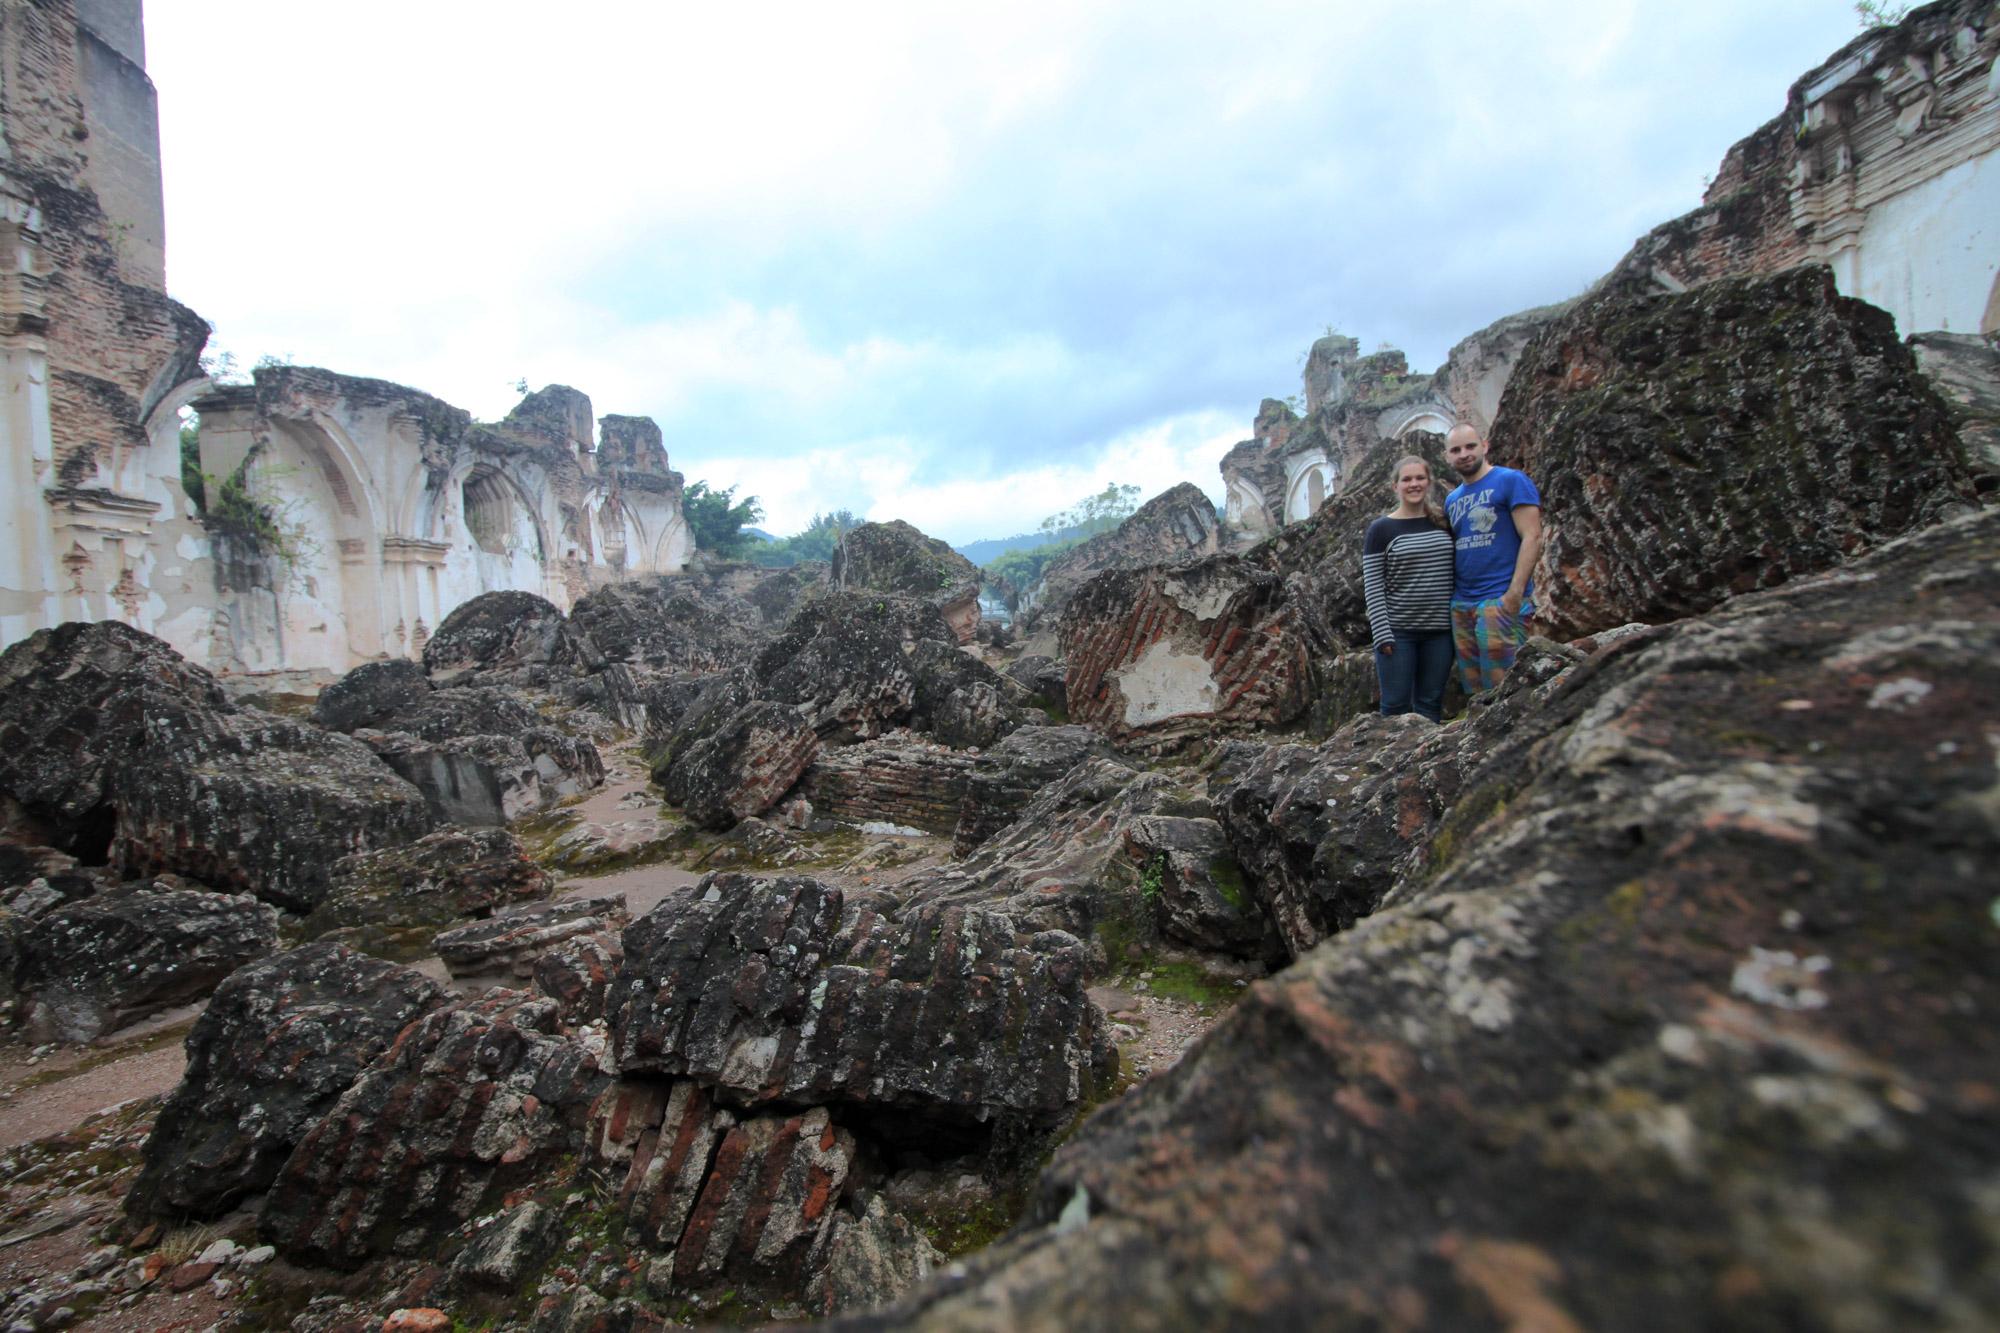 De ruïnes van Antigua - Iglesia y Convento de la Recoleccion